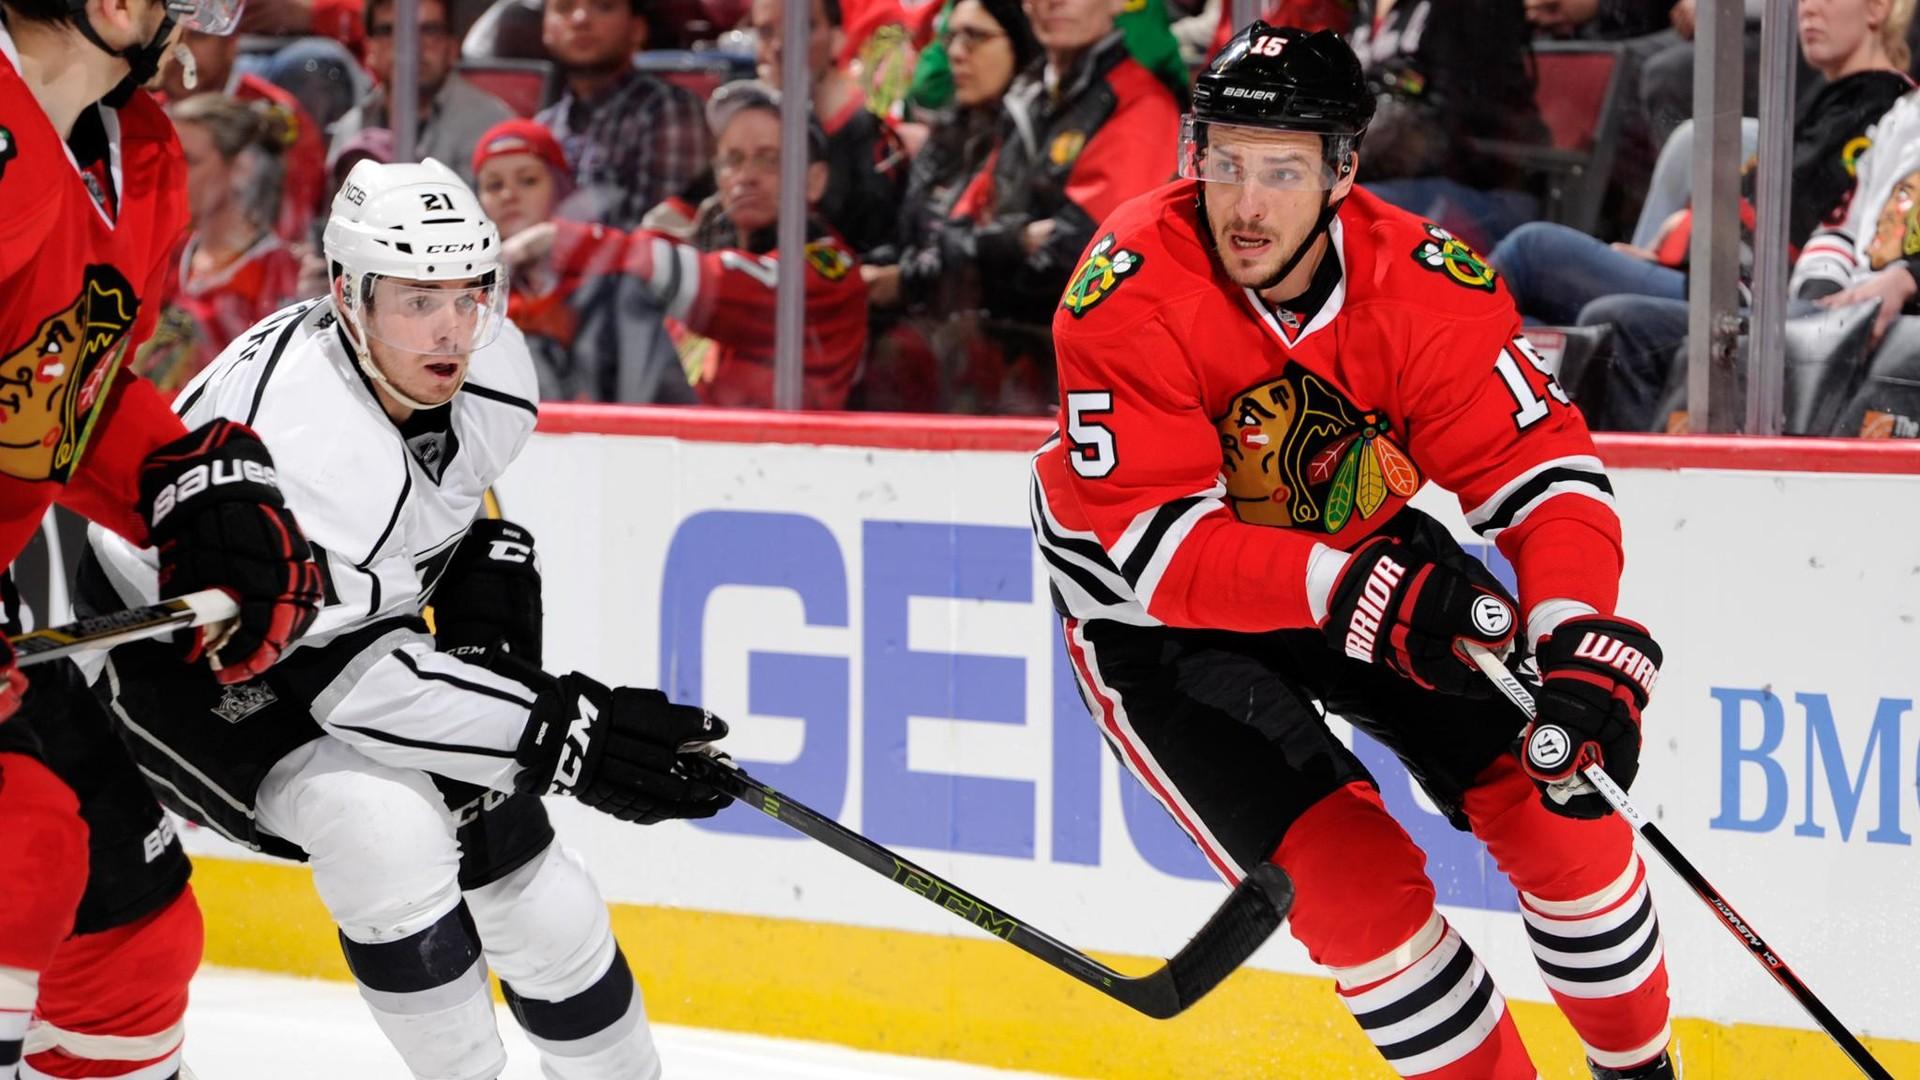 Знай наших: Анисимов возглавил гонку лучших снайперов НХЛ